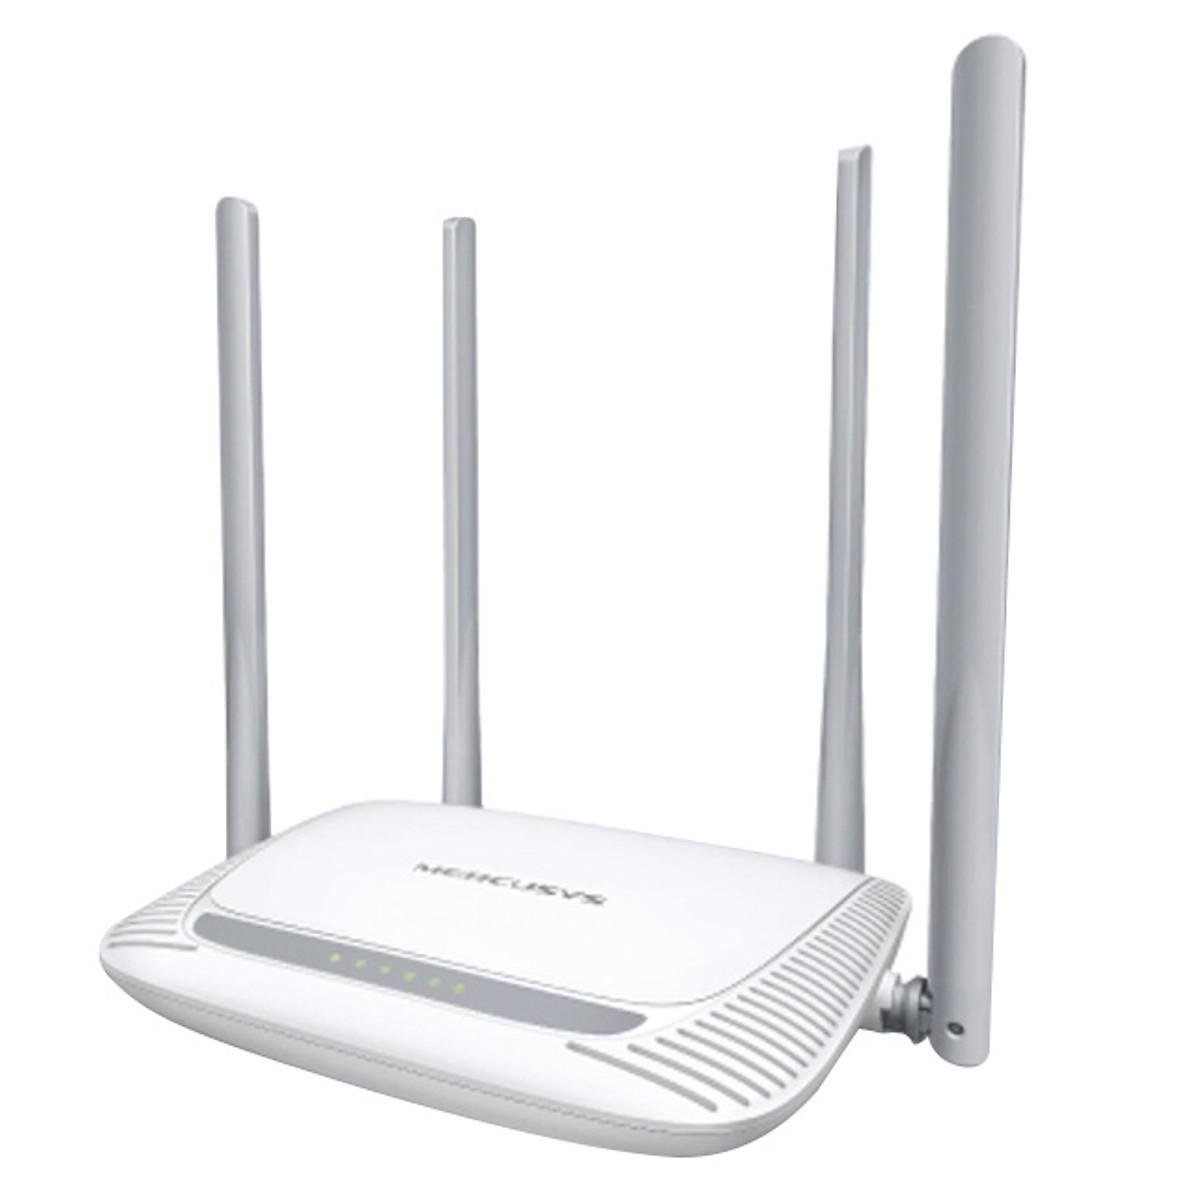 Bộ Phát Wifi (Router Wifi) Mercusys MW325R 300Mbps (Wifi 4 Ăng ten - 4 cổng ) - Hàng Chính Hãng